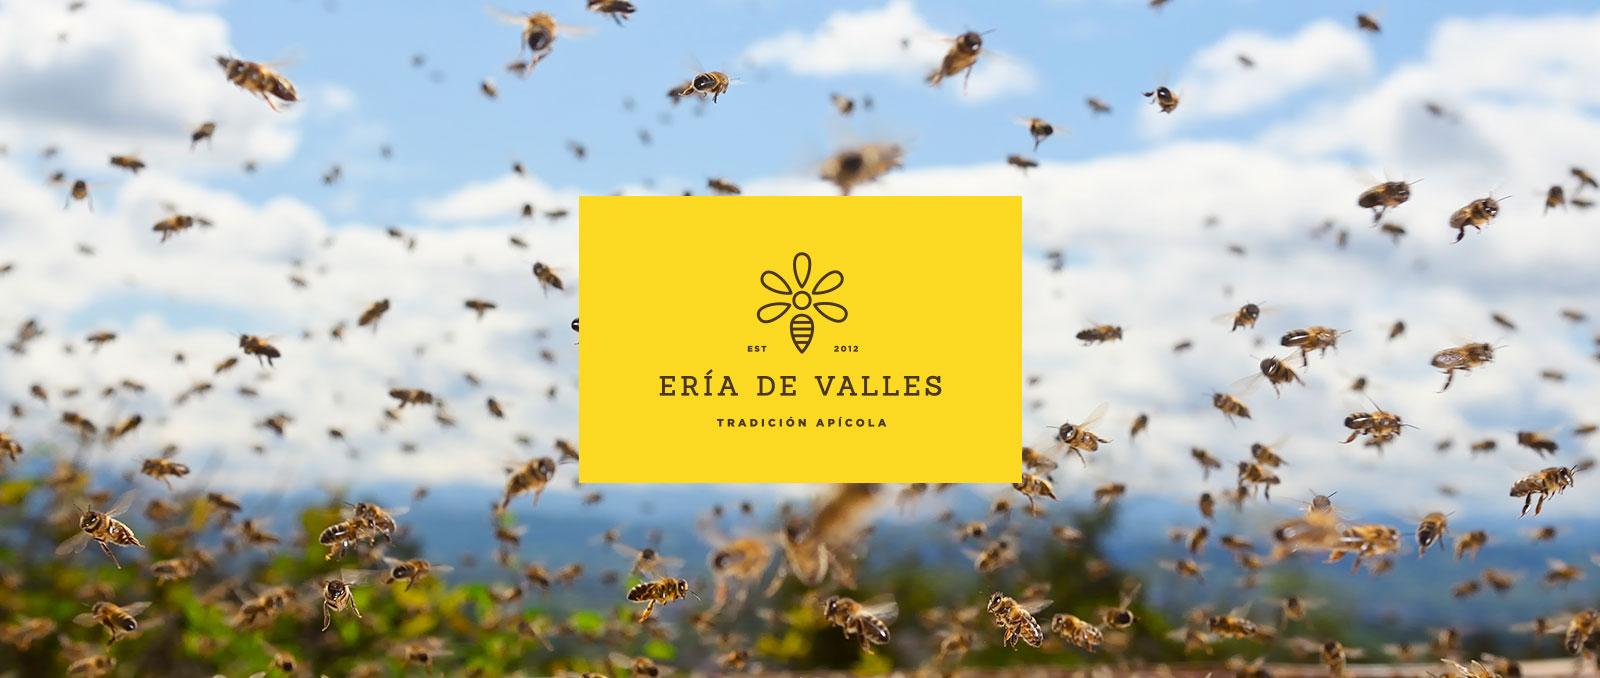 Tradición apícola Eria de Valles - Miel natural de Asturias